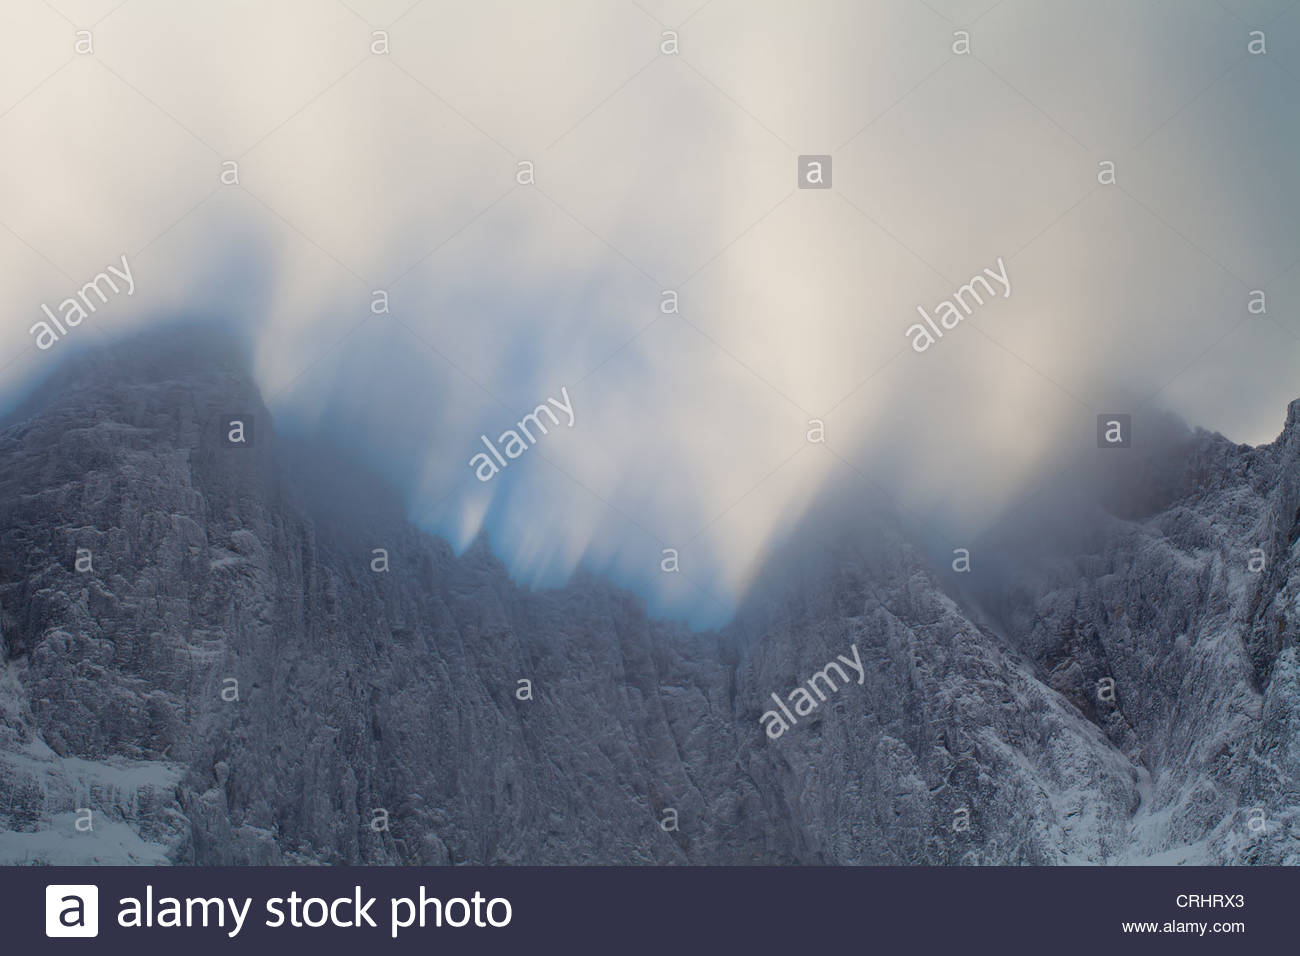 Les vents violents et les nuages au-dessus de la dérive verticale de 3000 pieds Troll mur dans la vallée Photo Stock